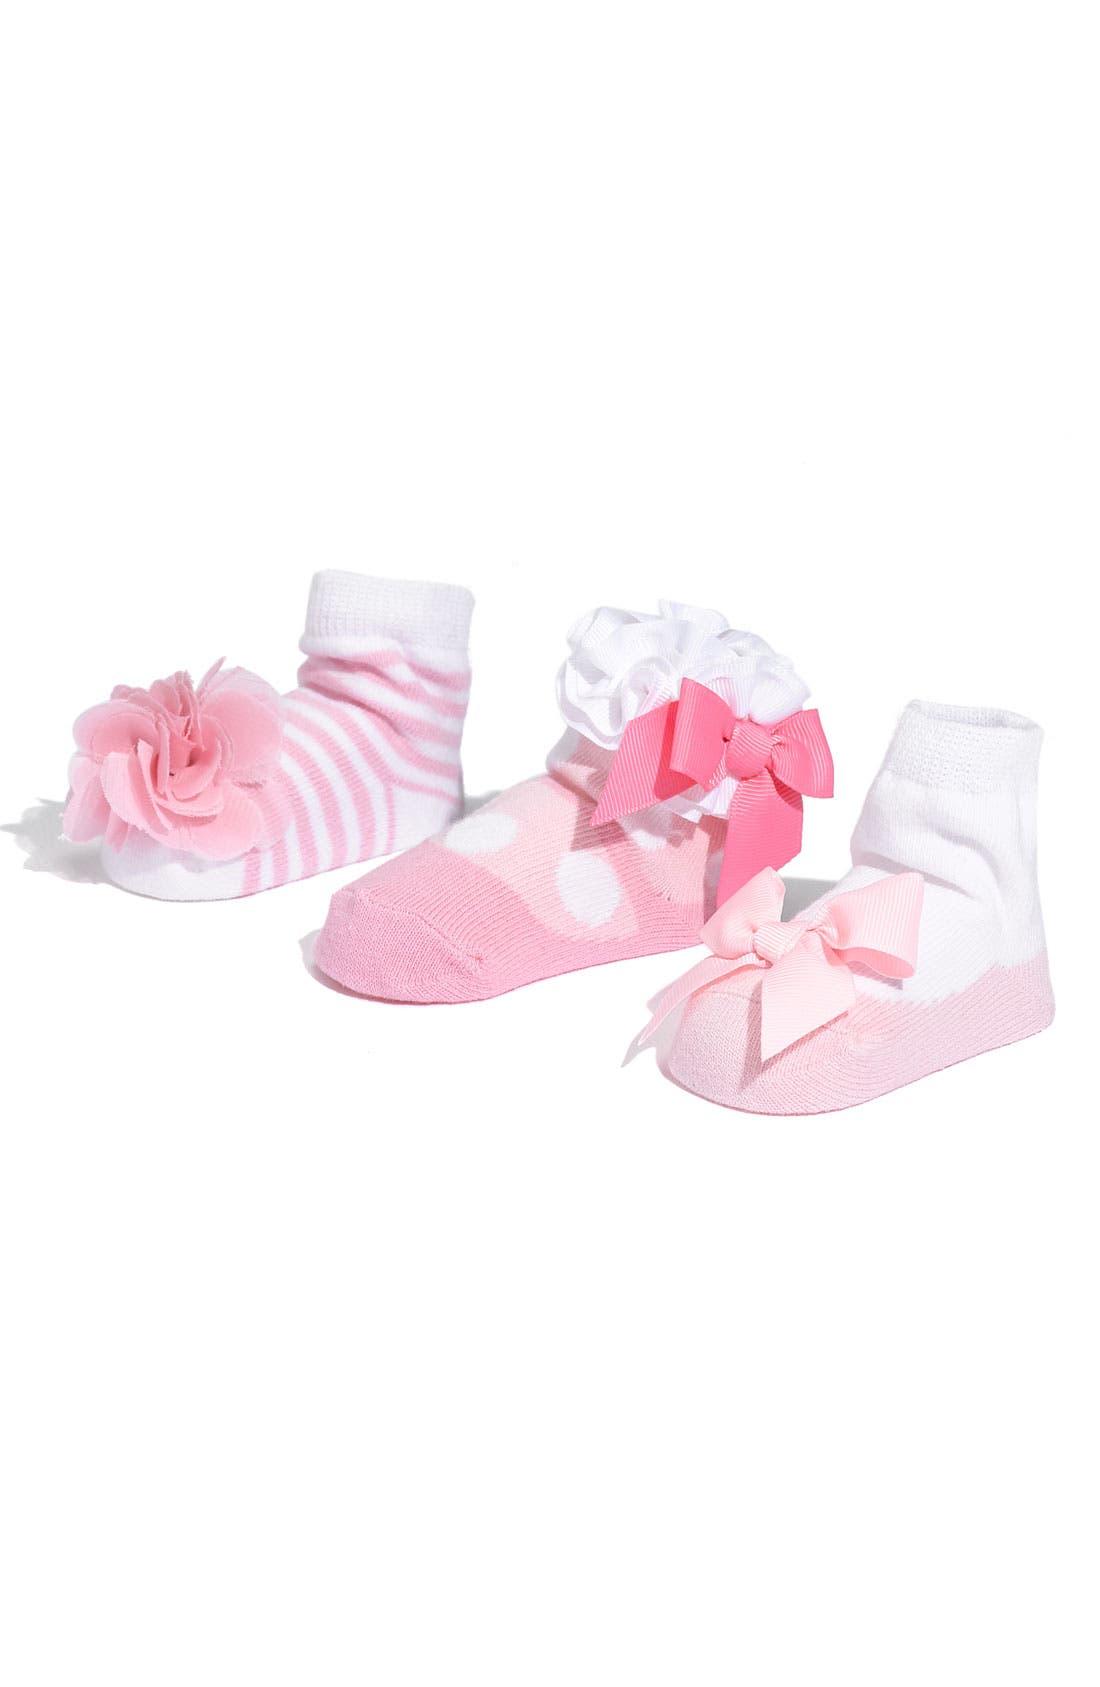 Main Image - Mud Pie Socks Set (3-Pack)(Baby Girls)